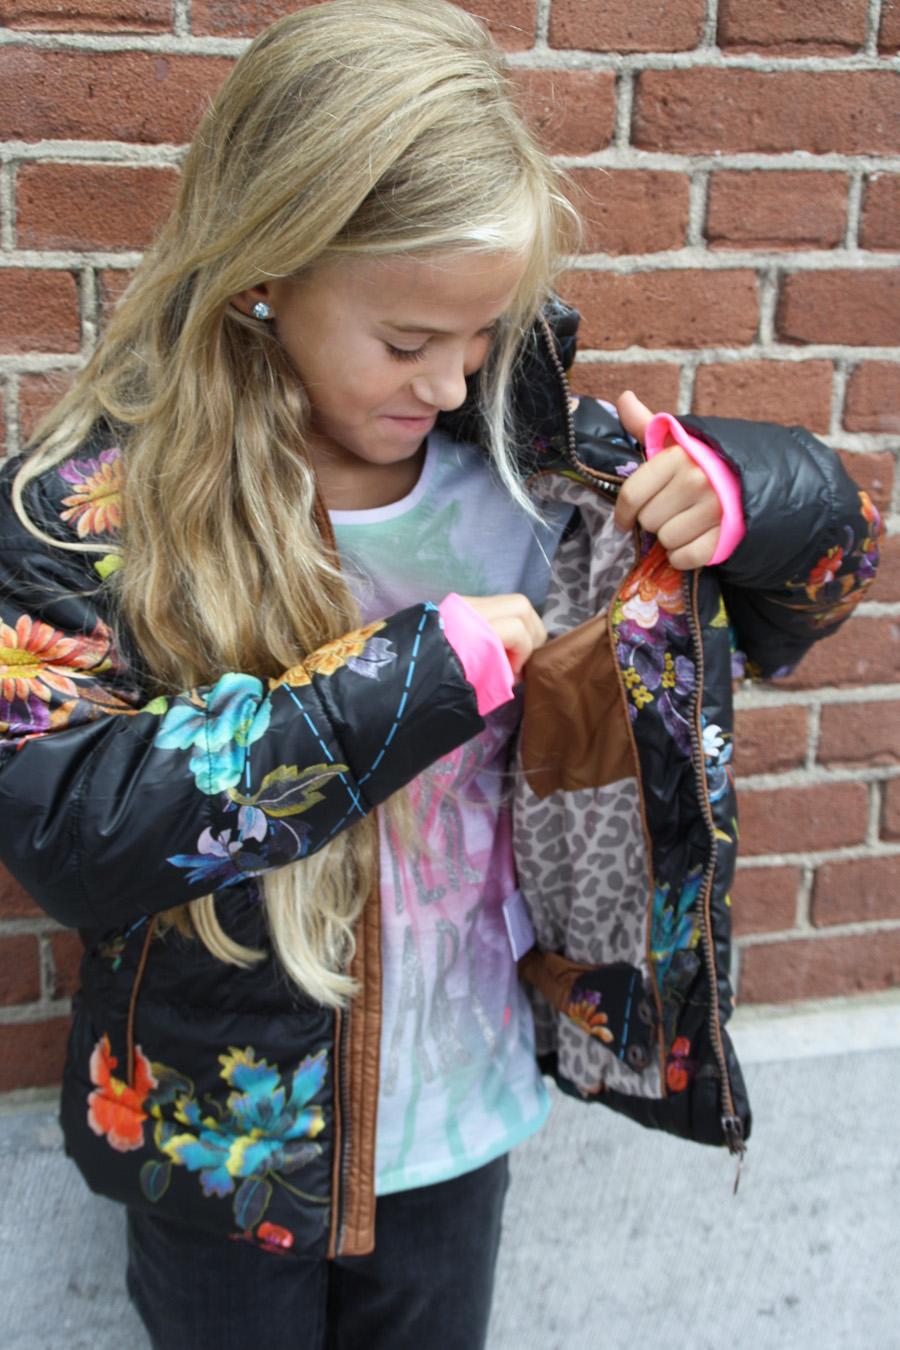 winterjas voor meisjes Bellaire, Bellaire winterjassen, kinderjassen, winterjassen voor meisjes, review kinderkleding,